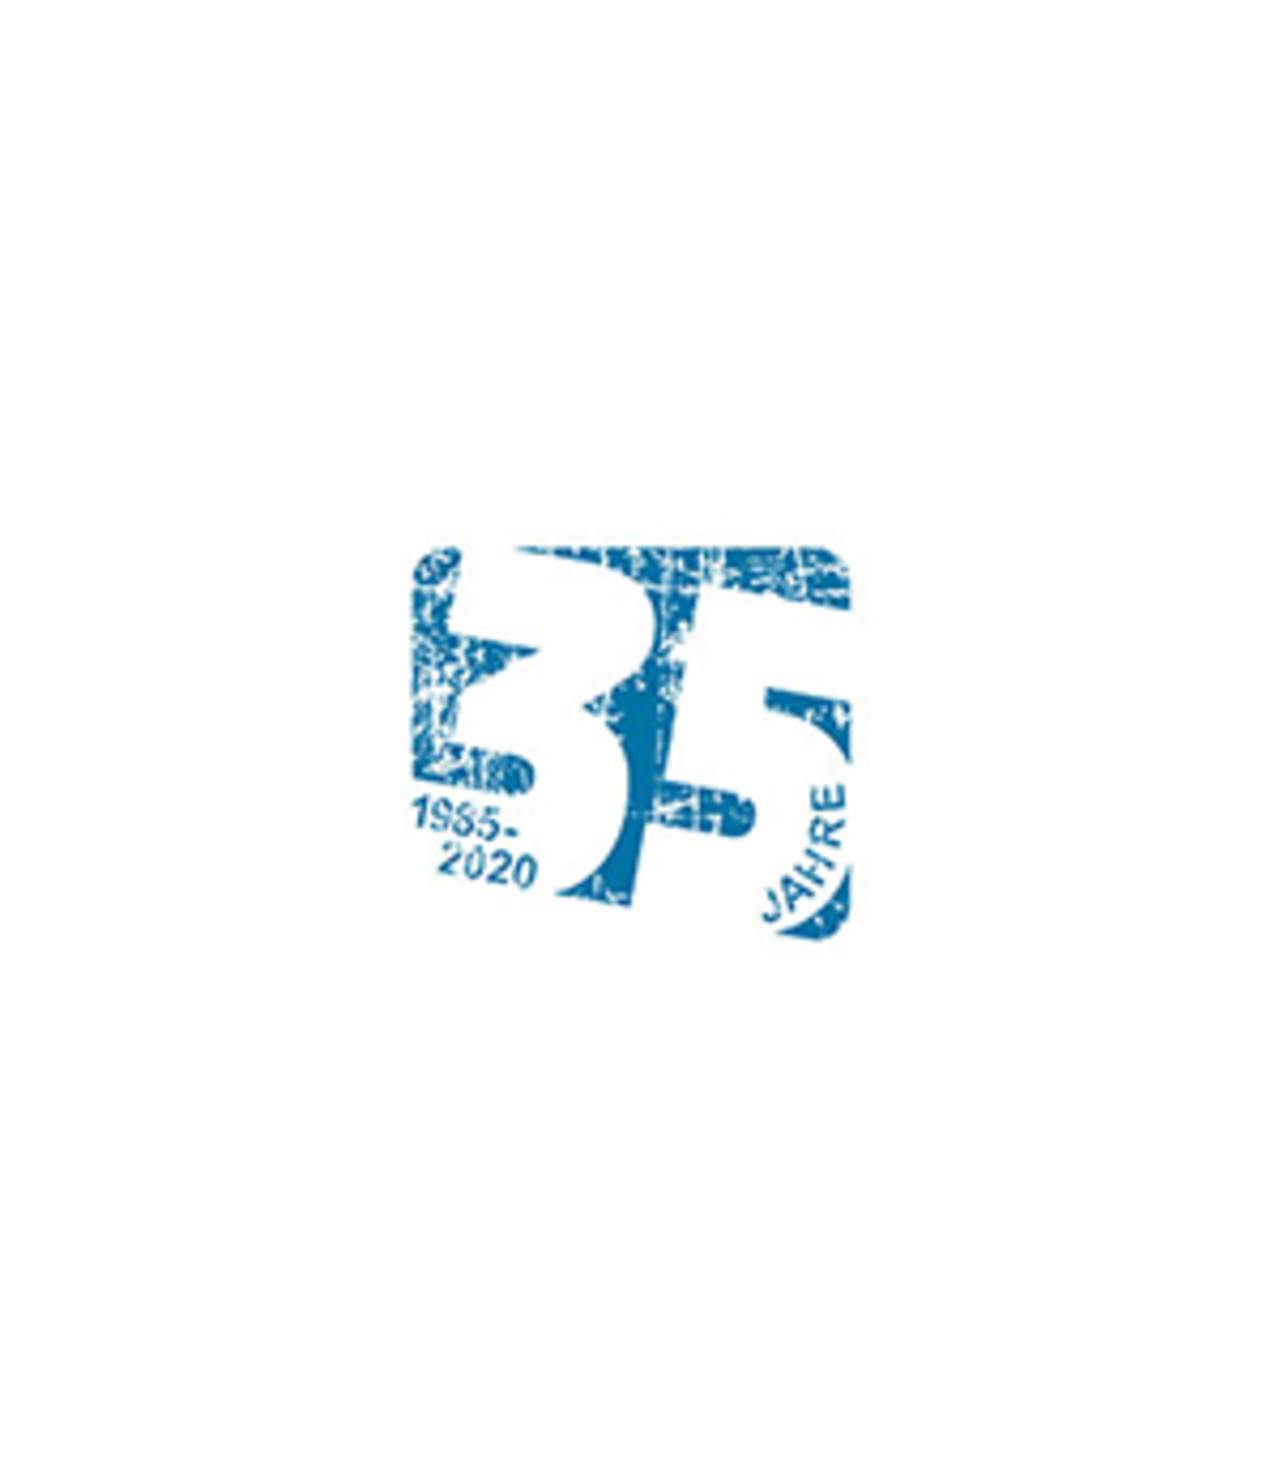 csm logo 35jahre blau300a6 c642b5158a